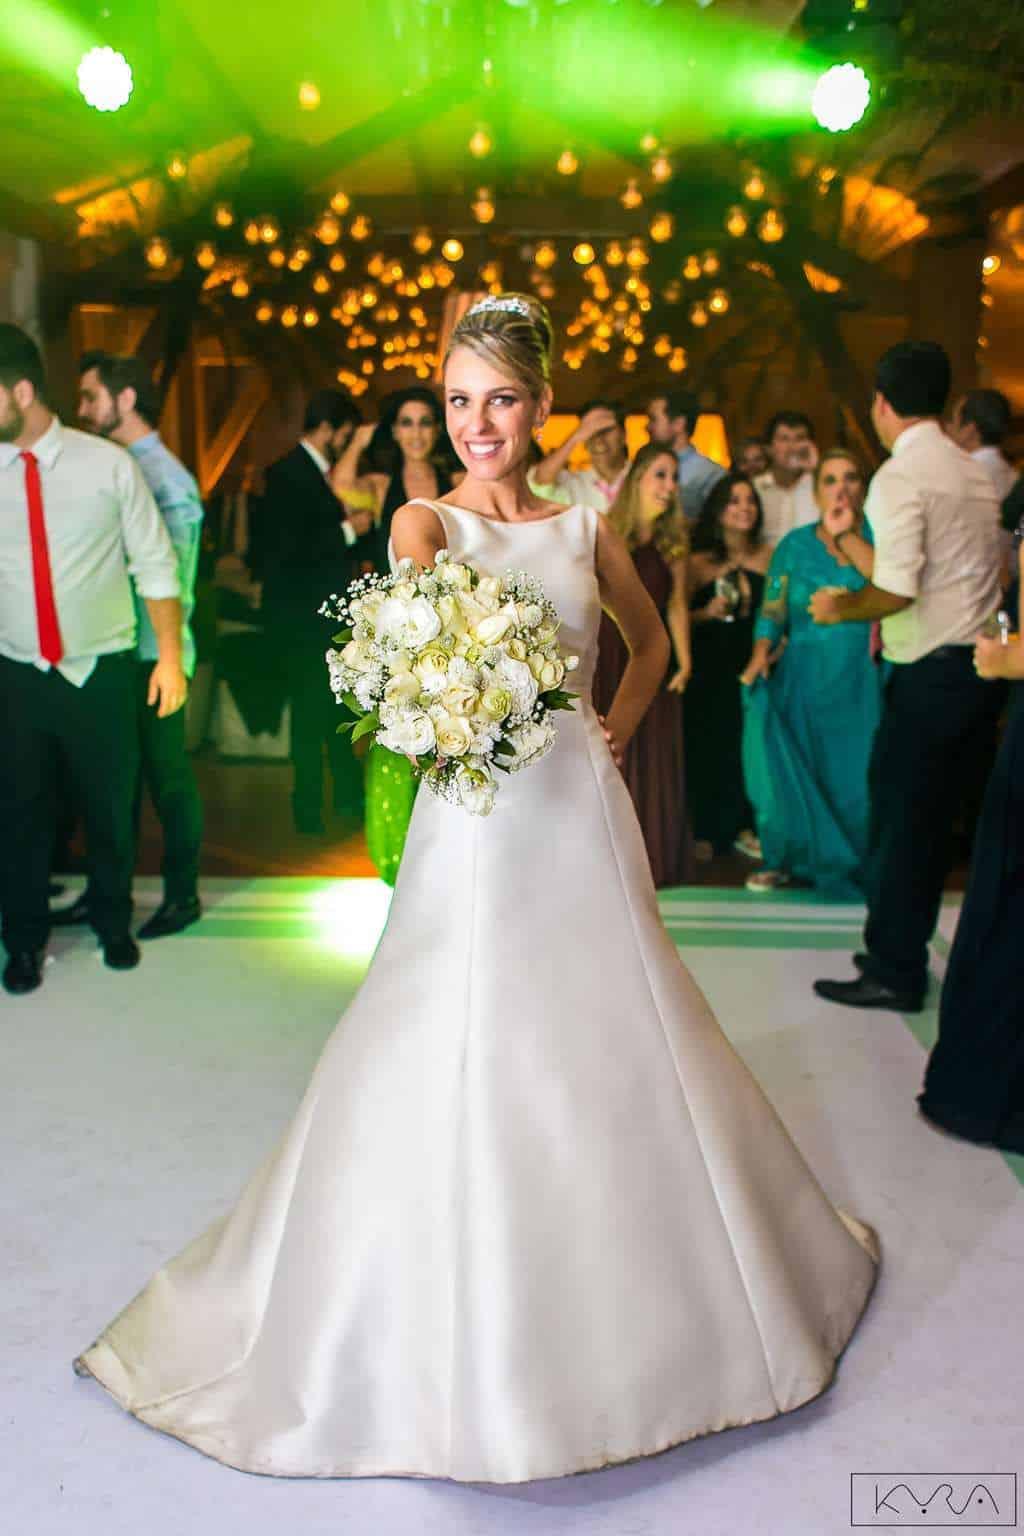 ana-carolina-e-bernardo-Anna-Carolina-Werneck-beleza-da-noiva-casamento-tradicional-festa-Gavea-Golf-Club-Kyra-Mirsky-making-of-mini-wedding-verde-e-rosa-casamento-54